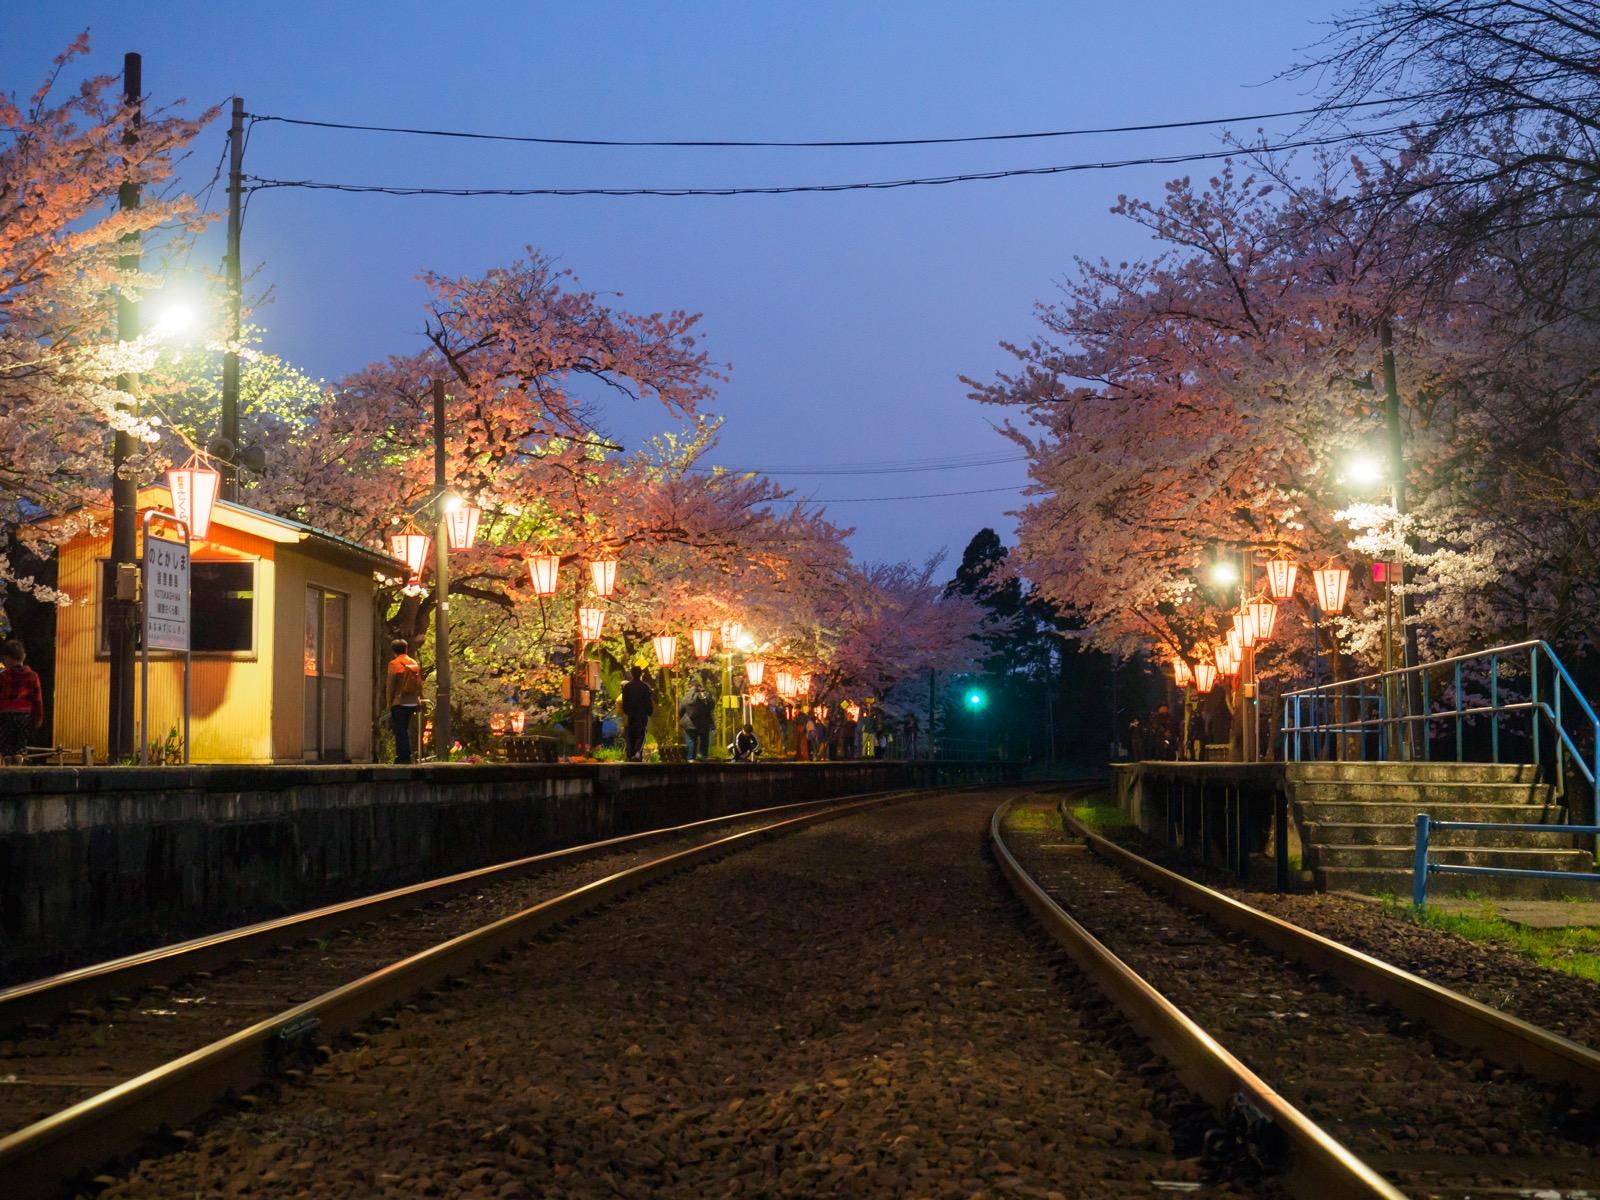 ぼんぼりが灯る、夜の能登鹿島駅(能登さくら駅)のホーム